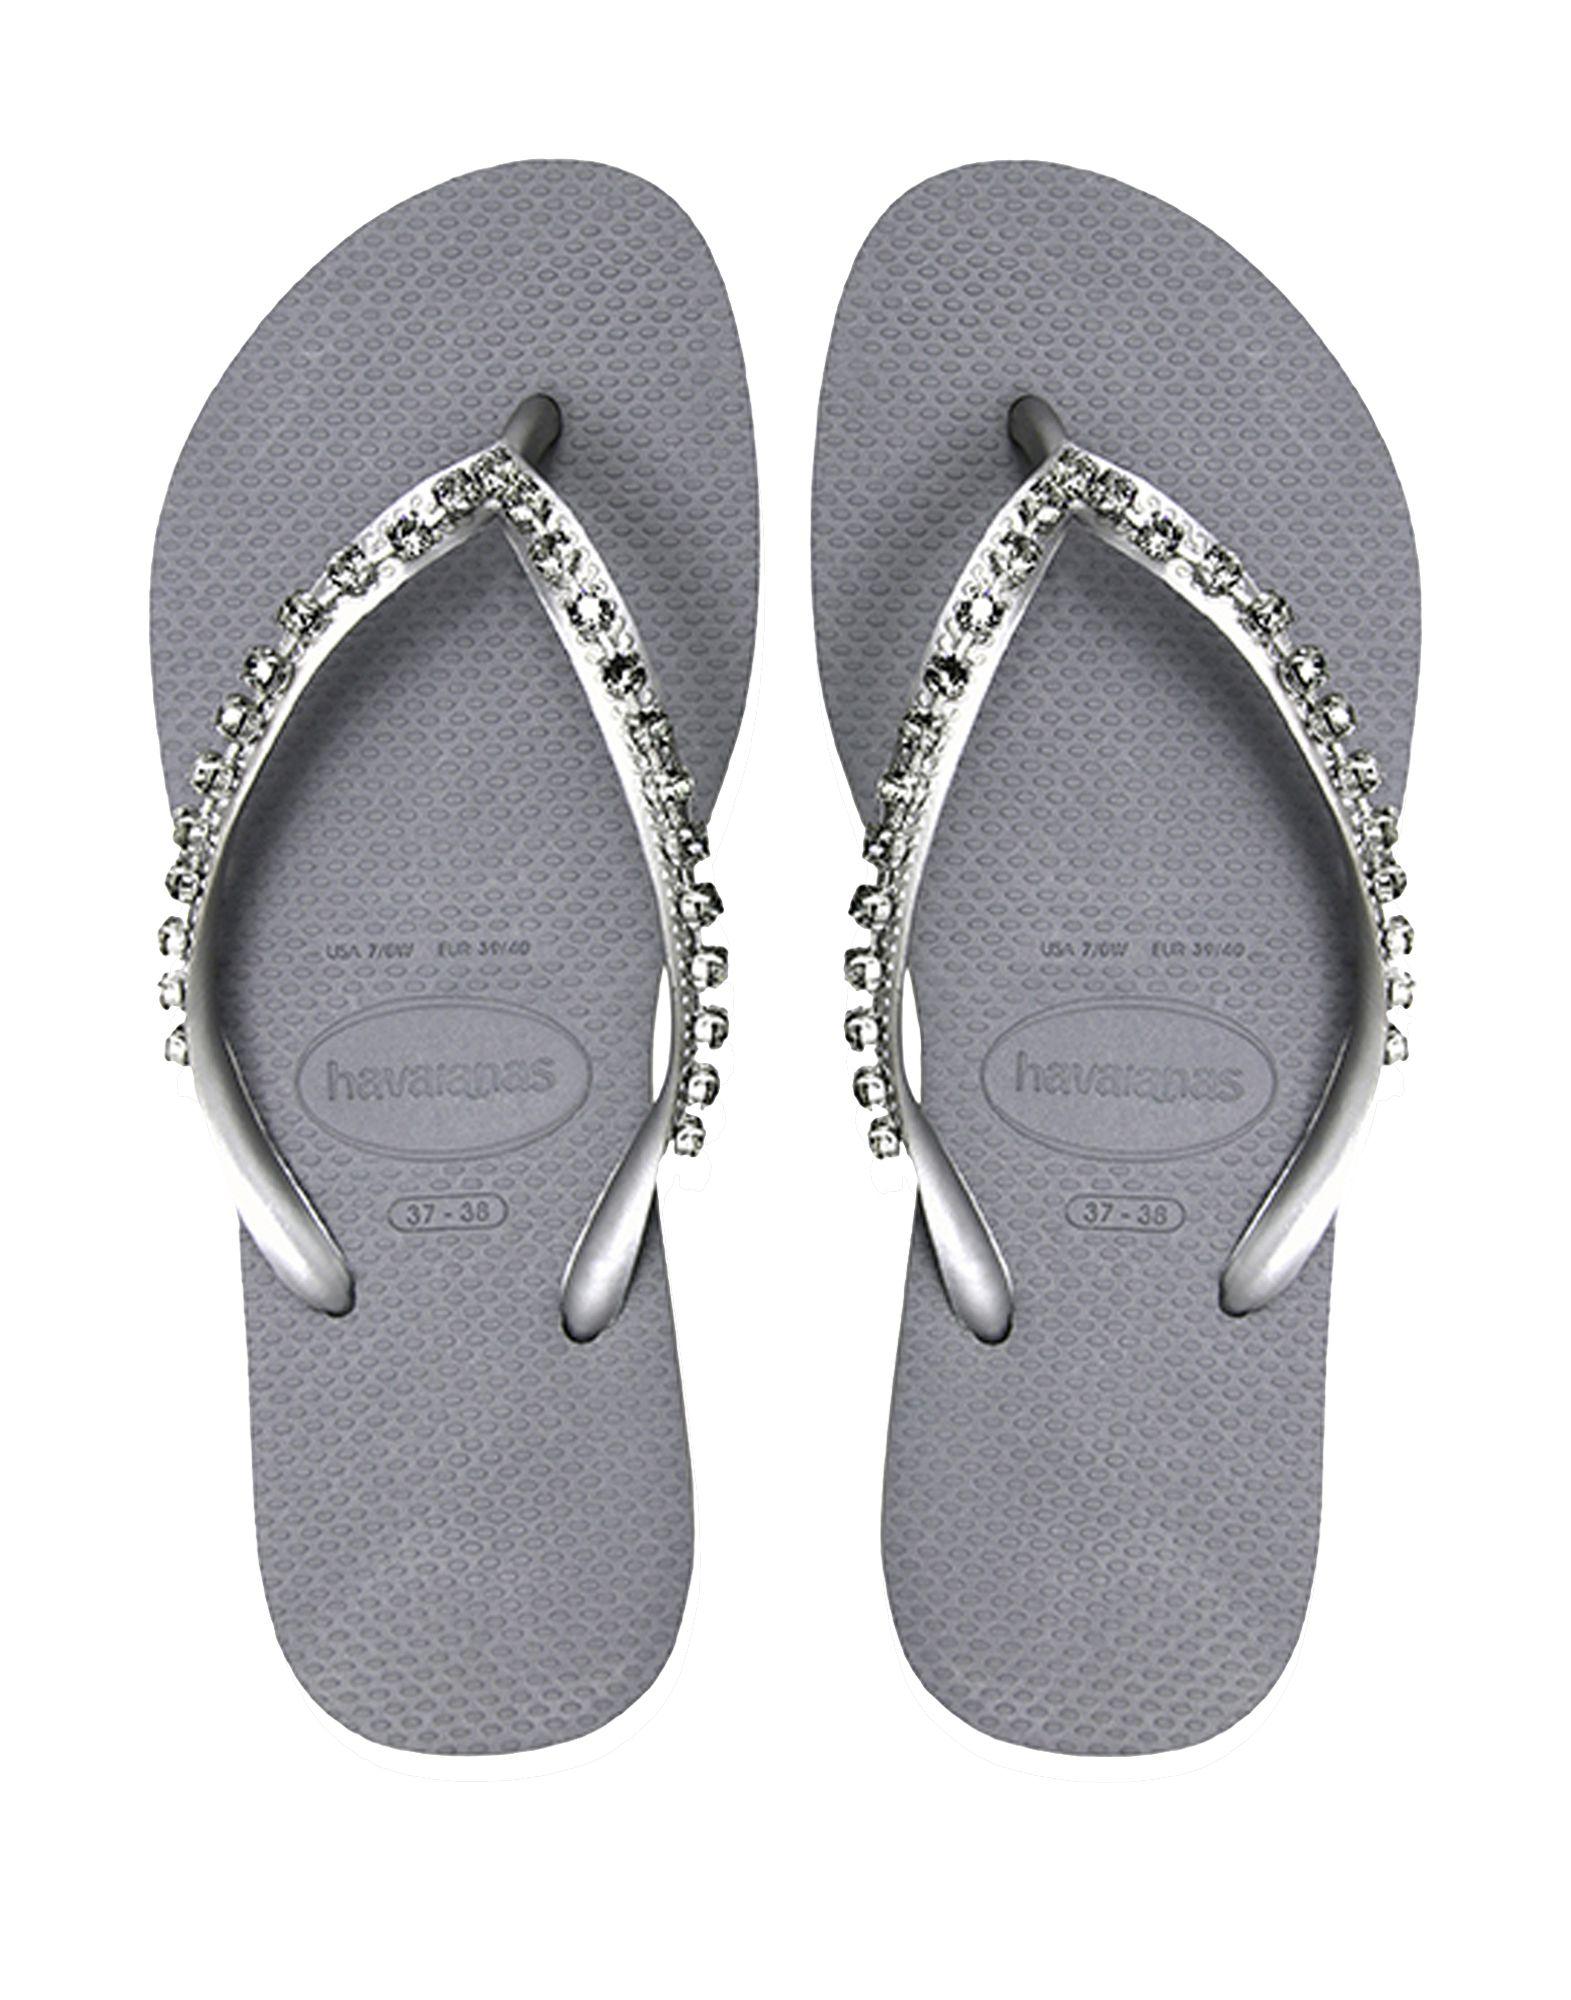 Sneakers Diadora offerte Donna - 11506576MX Nuove offerte Diadora e scarpe comode efe672